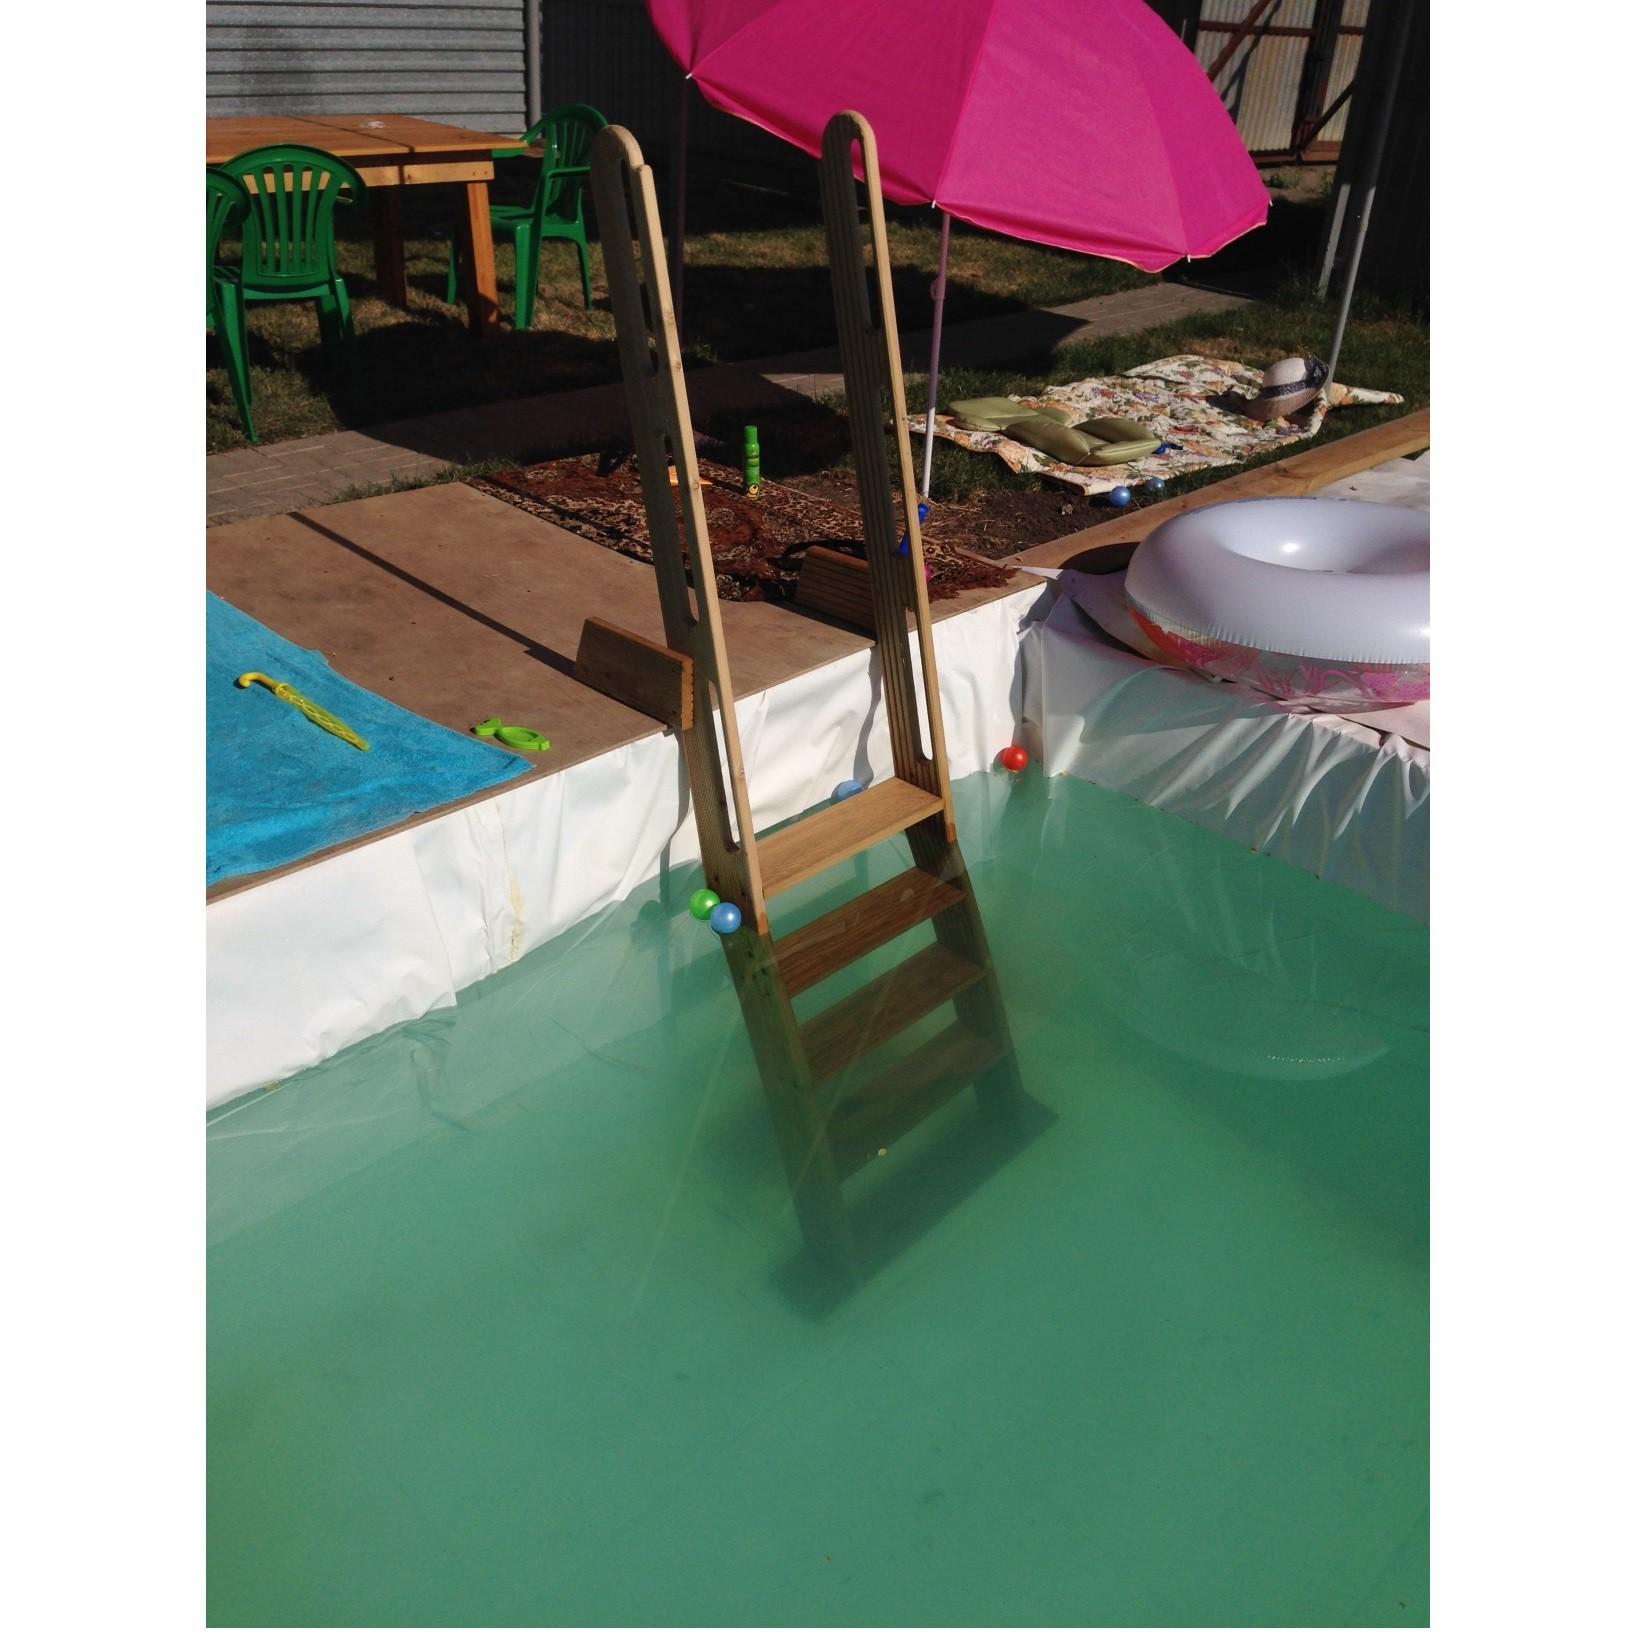 Лесенка для бассейна своими руками